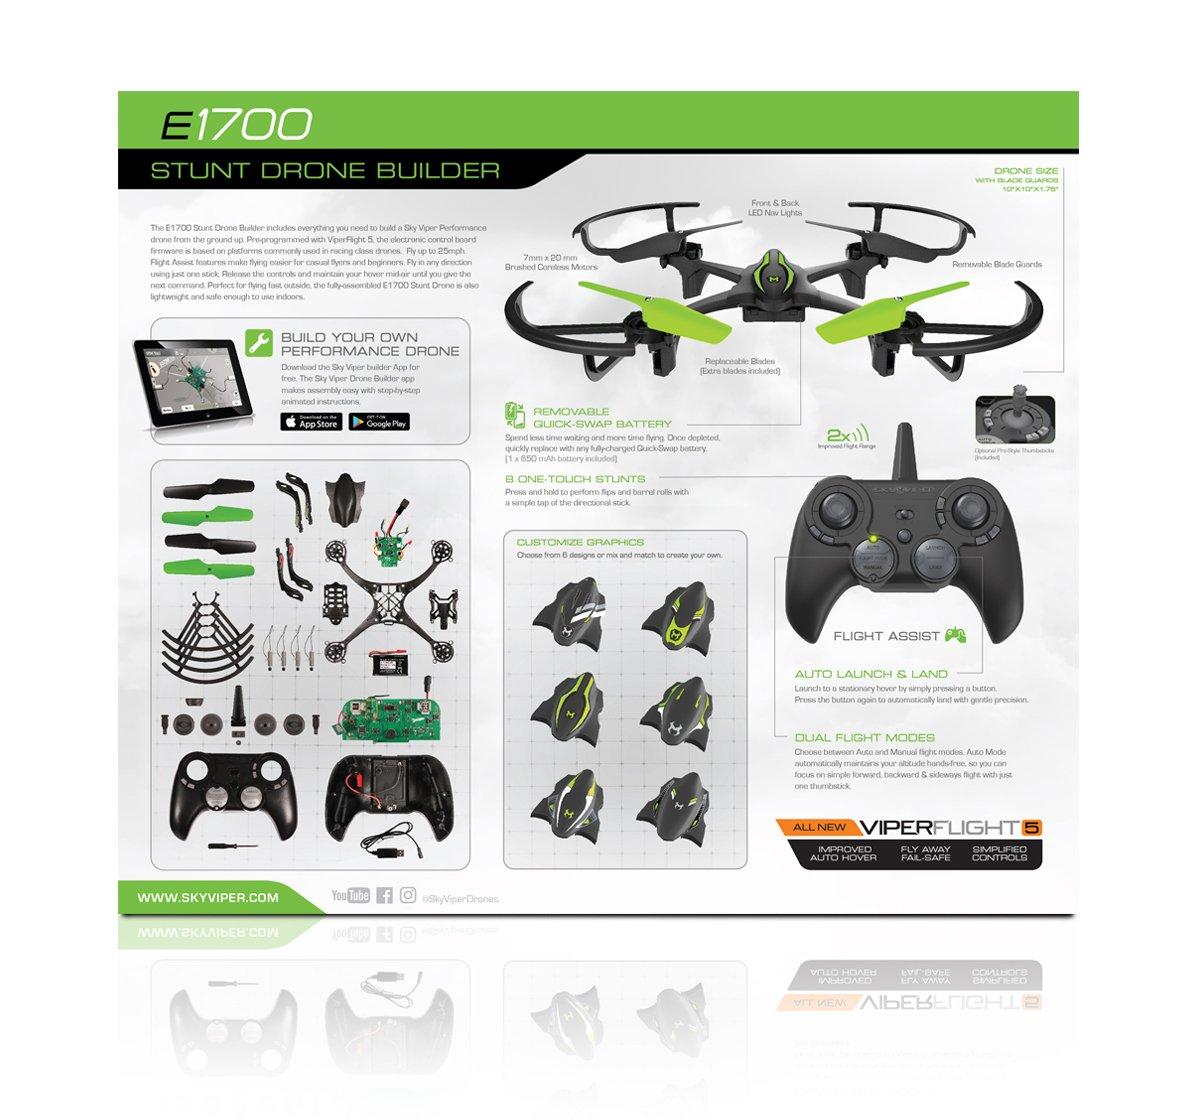 Sky Viper App >> Amazon Com Sky Viper E1700 Stunt Drone Builder Build Your Own